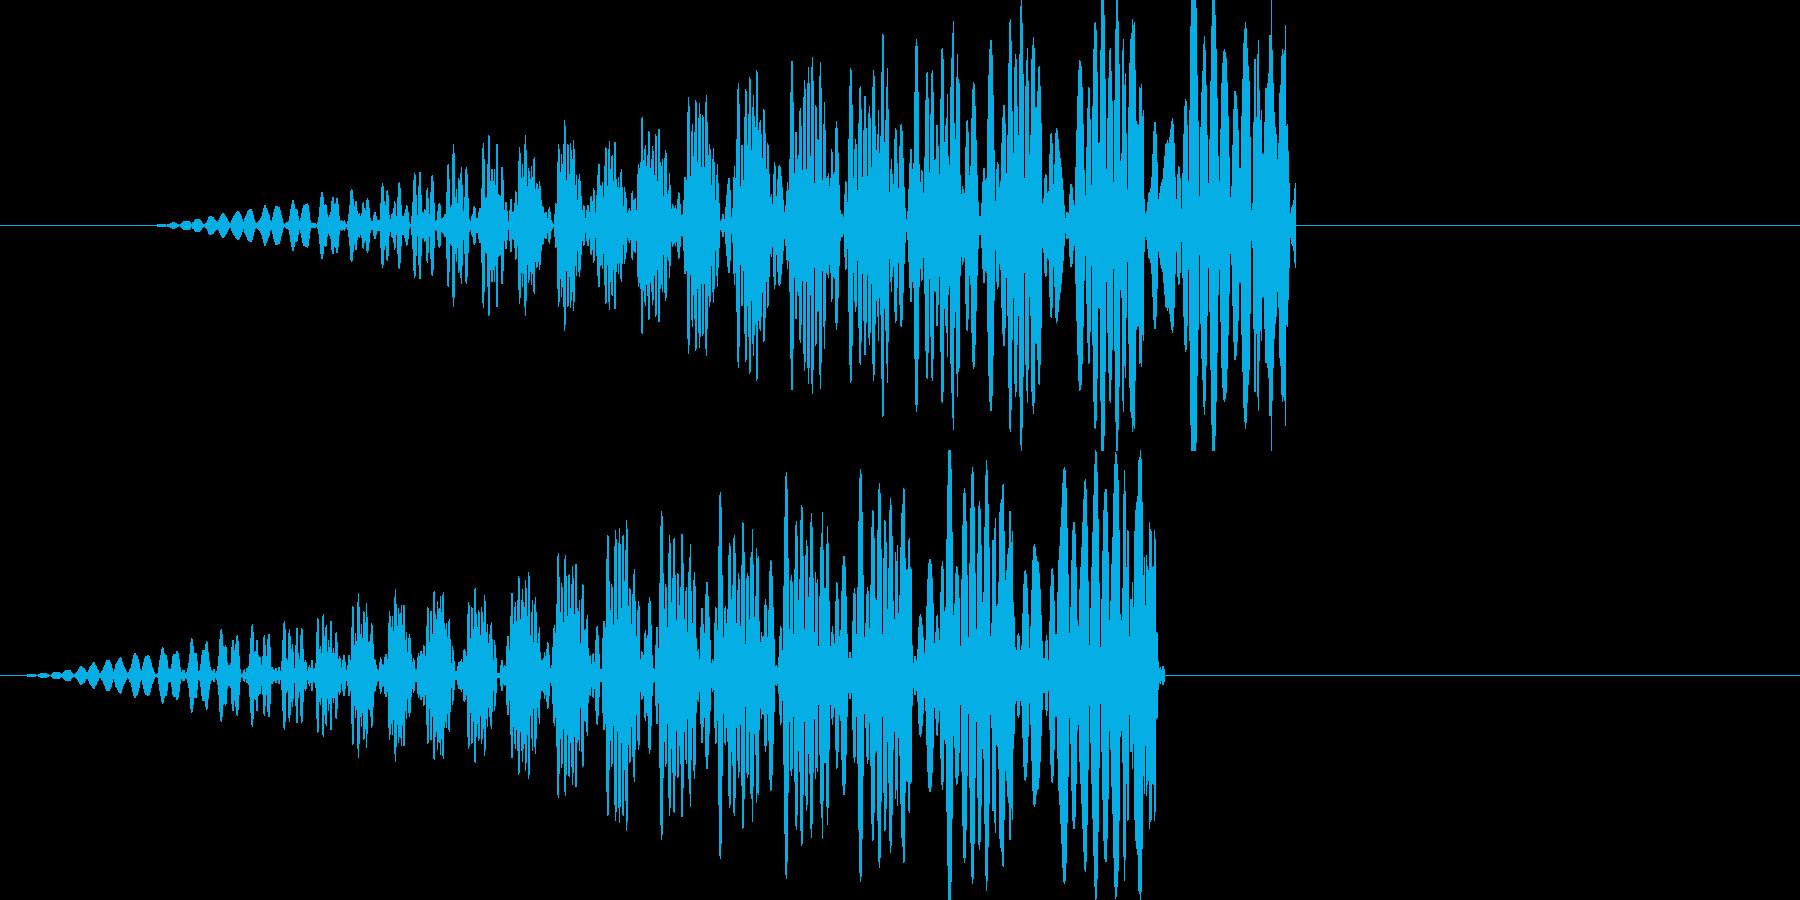 効果音(ギュー)の再生済みの波形